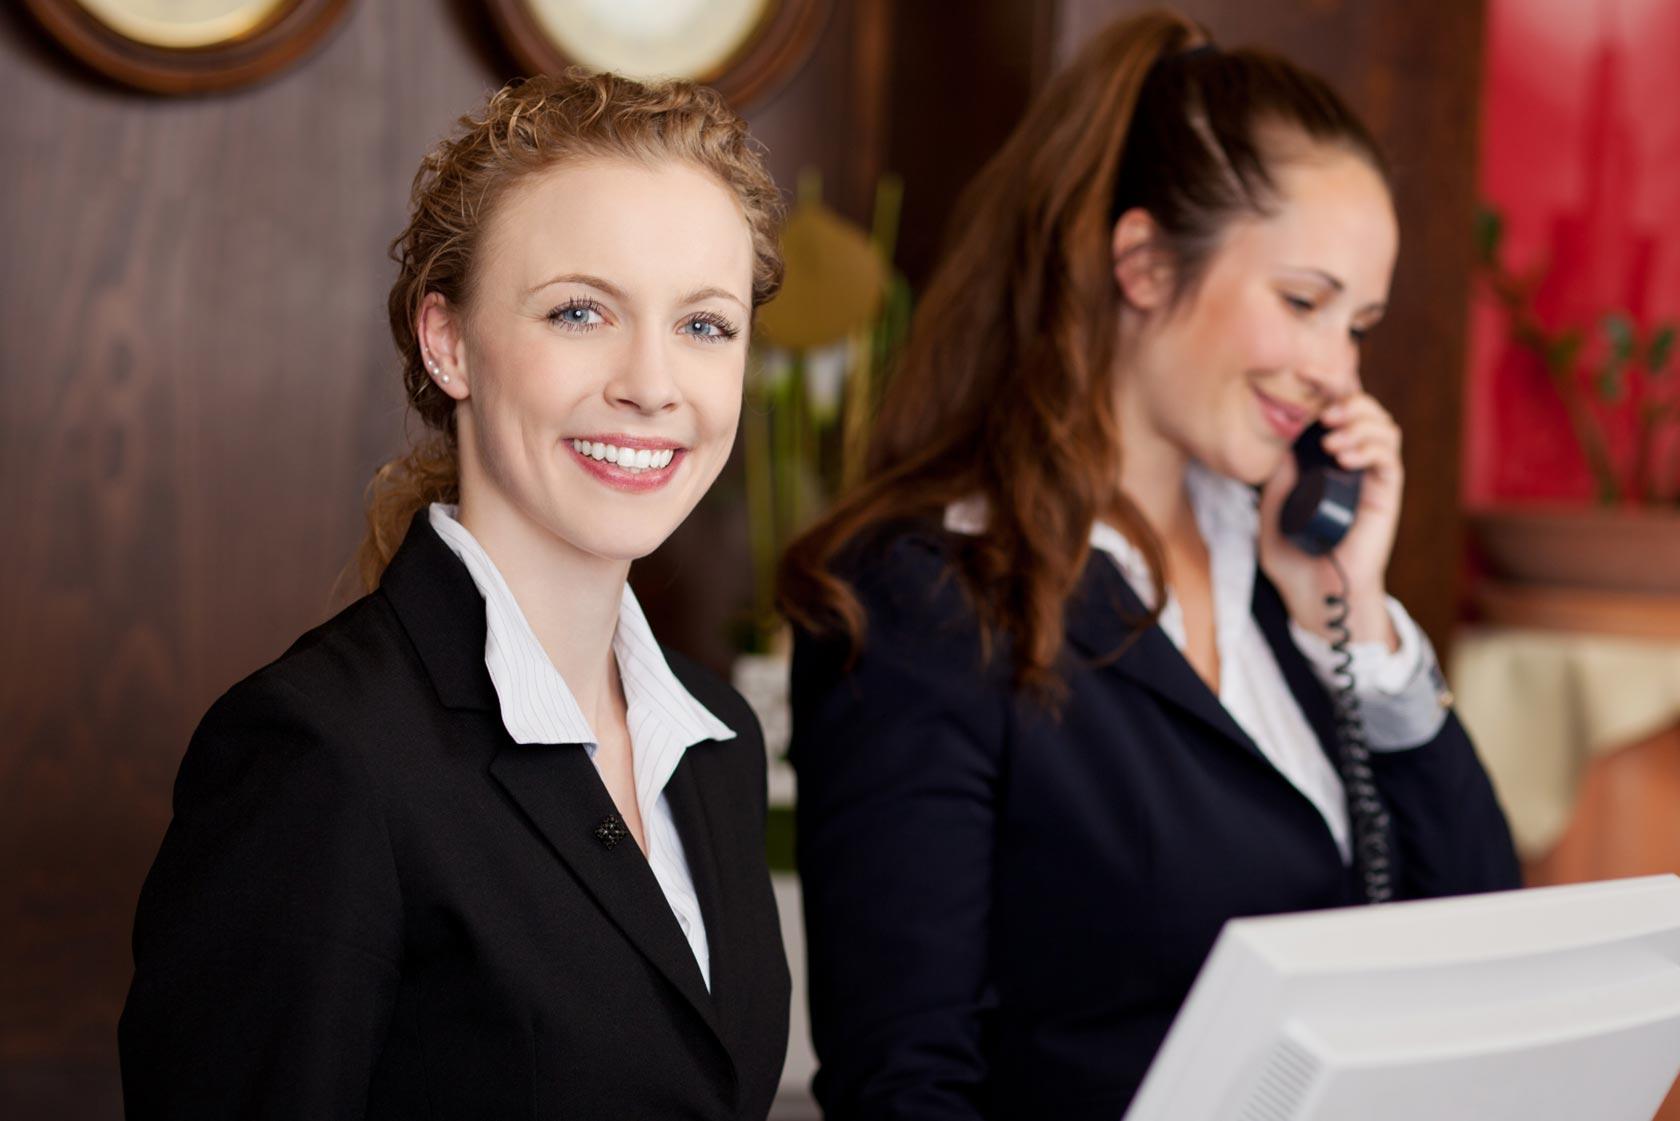 77 Recepționer Tehnician în hotelărie Cursul Corporactive Consulting